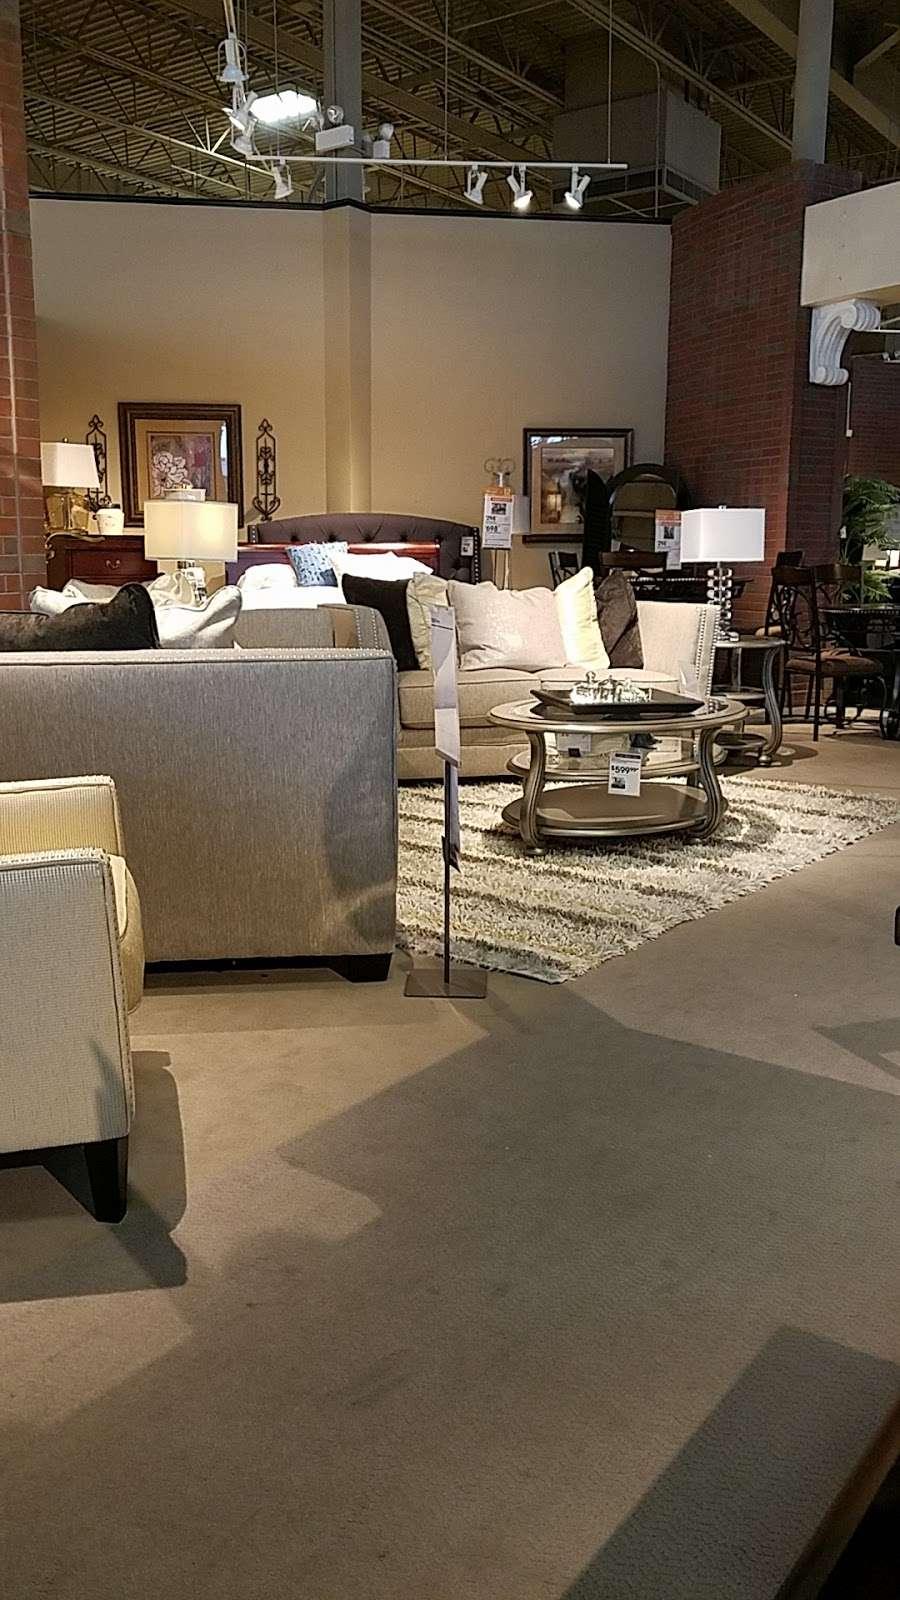 ashley homestore furniture store 875 e boughton rd bolingbrook il 60440